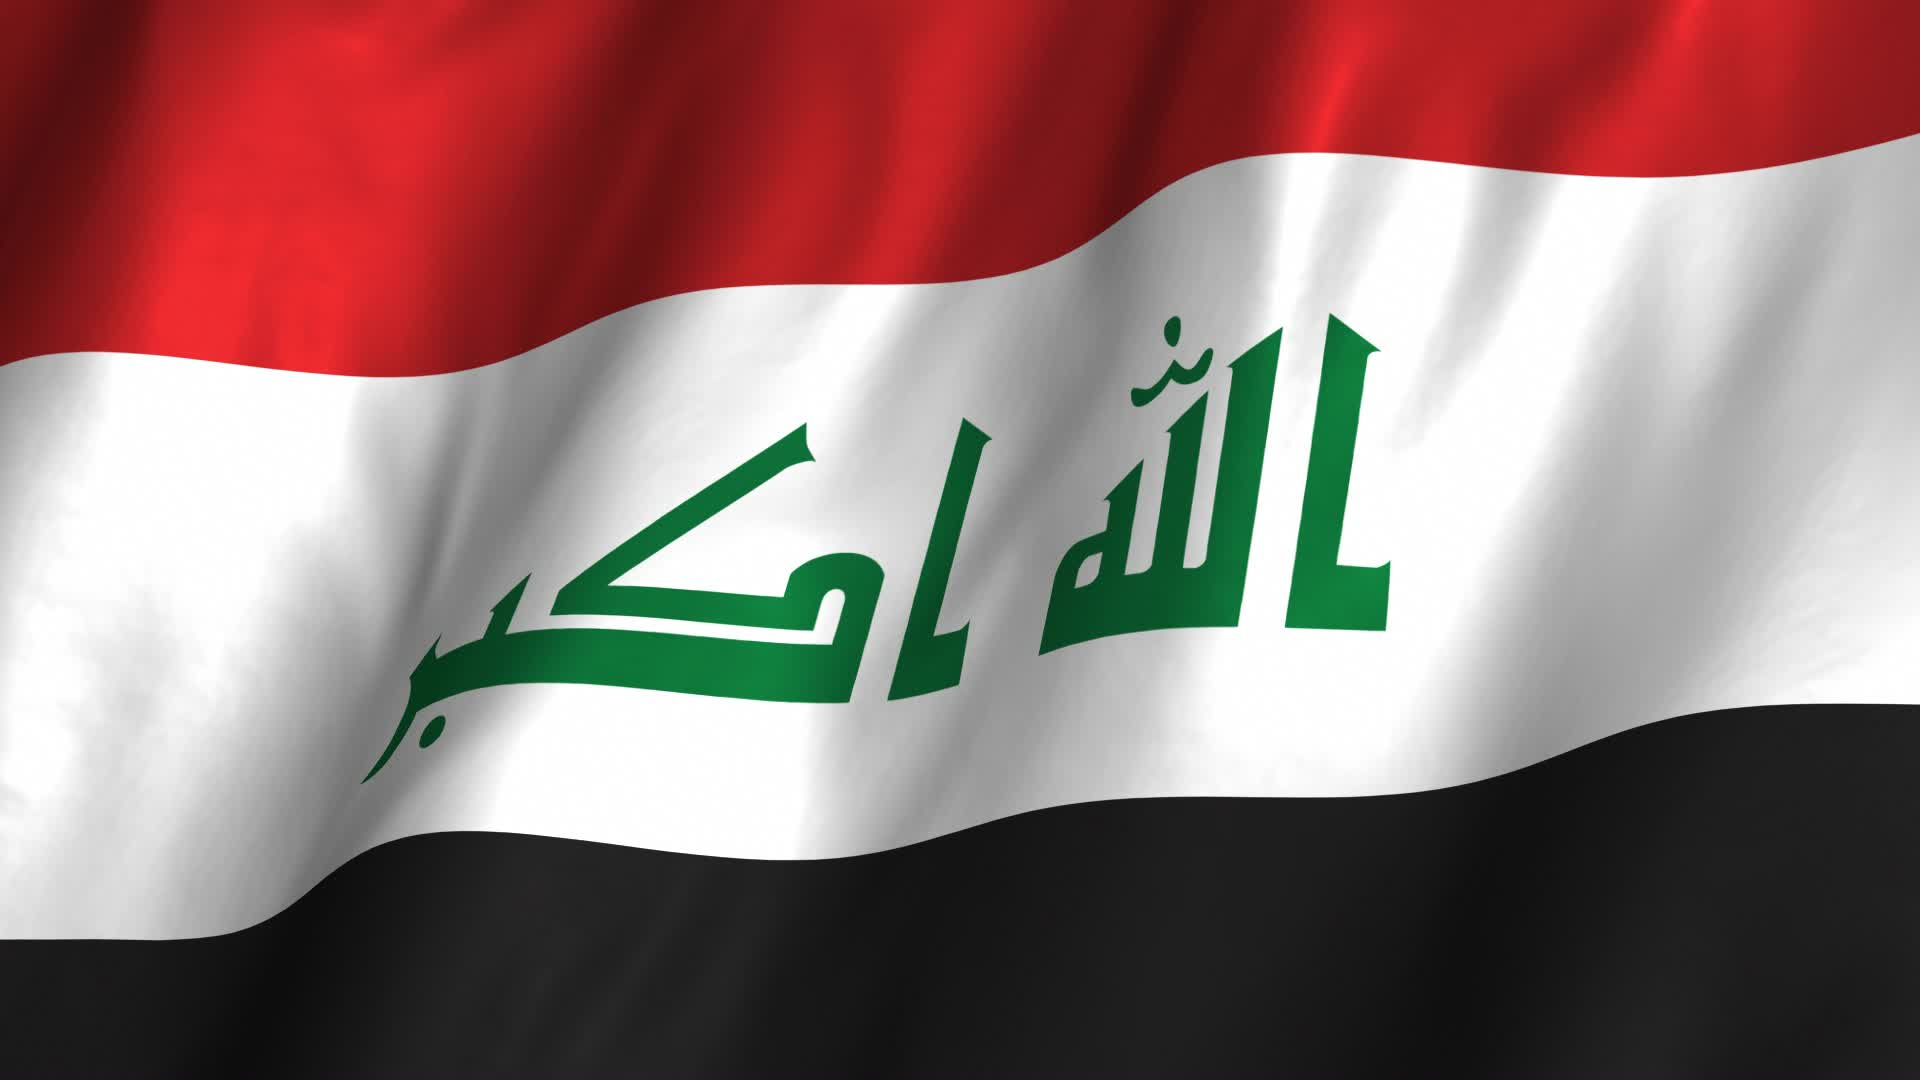 العراق: مجلس الأمن الوطني يقرر نشر قوات على الحدود مع تركيا